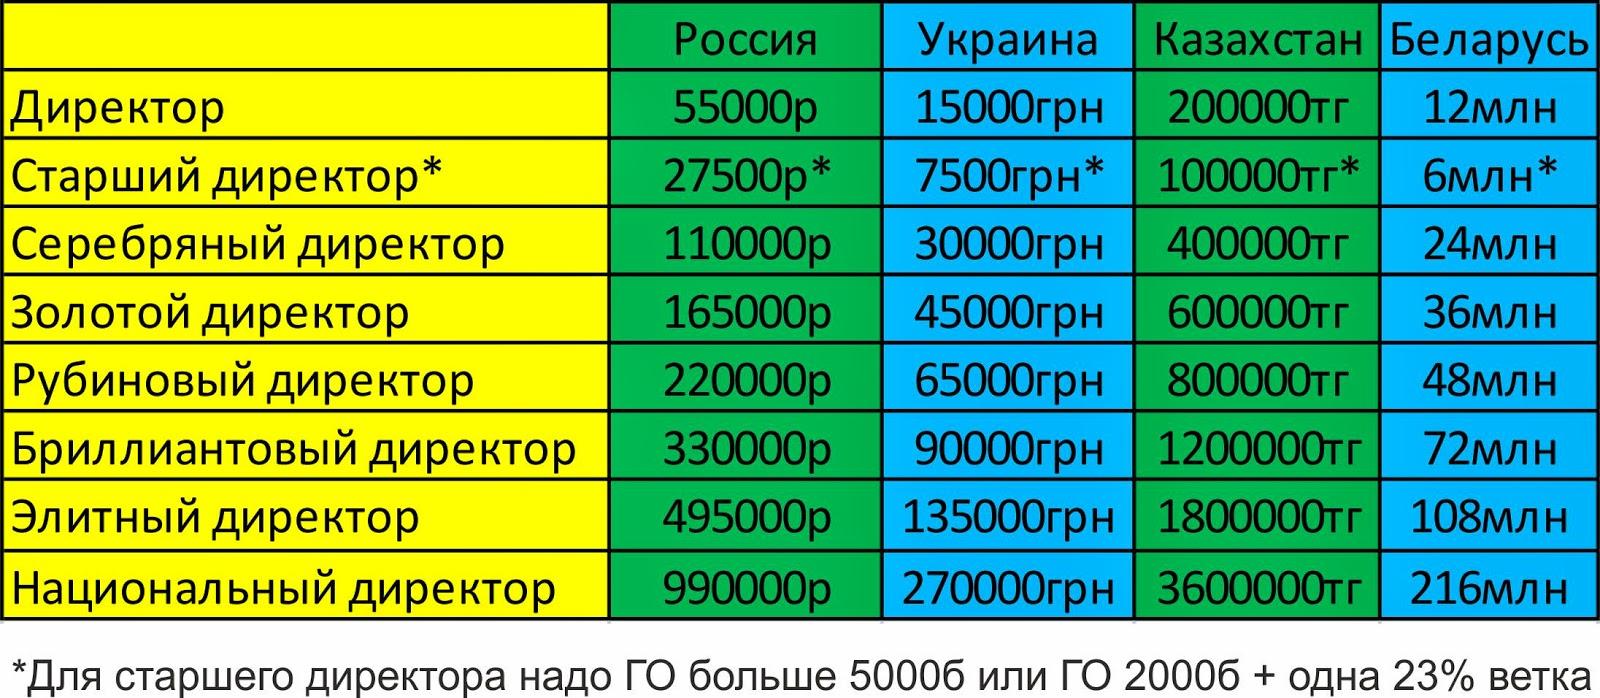 бонус за регистрацию букмекерская контора 2017